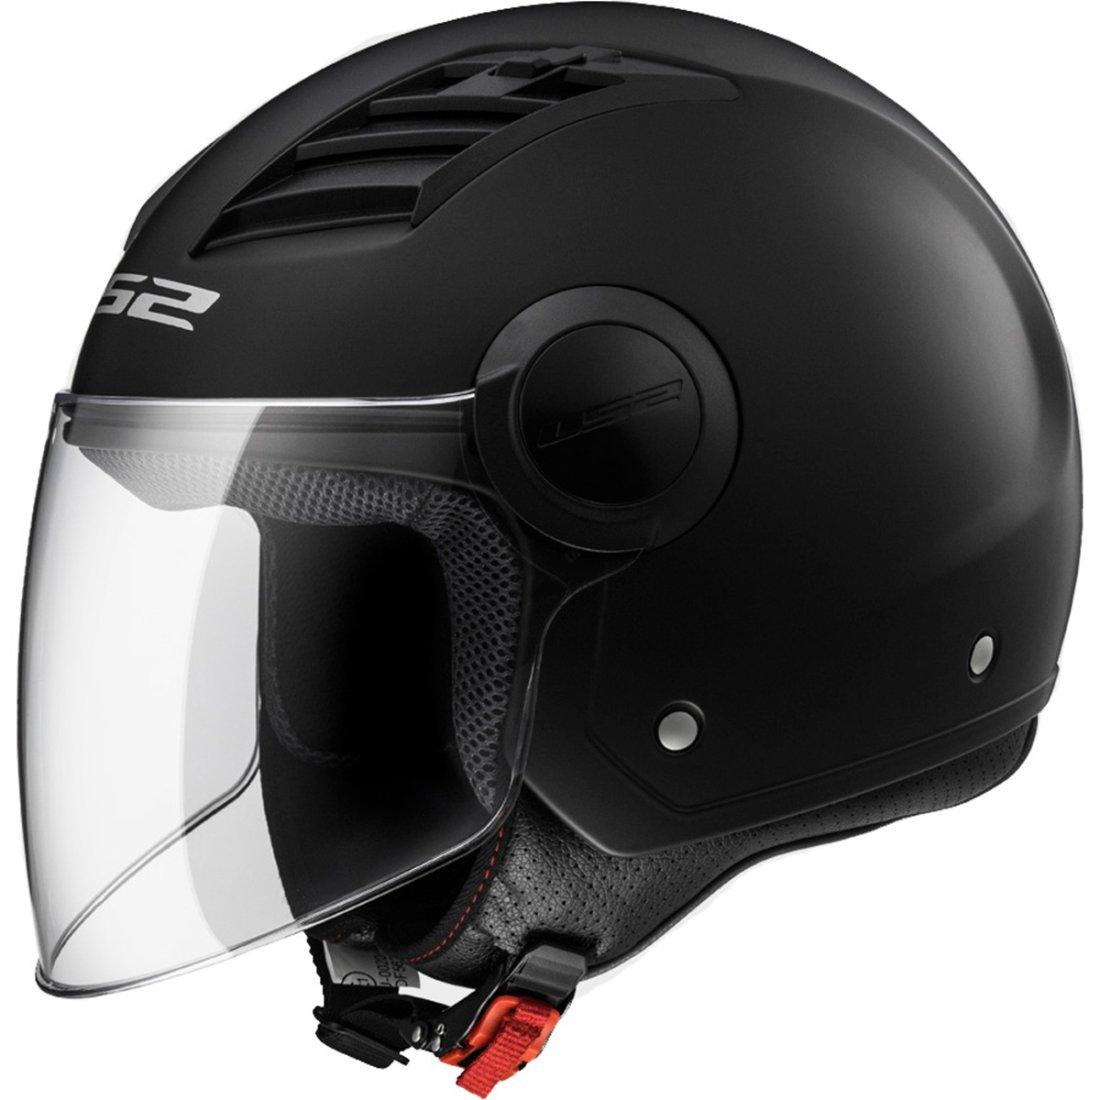 Ls2 Airflow Açık Motosiklet Kaskı